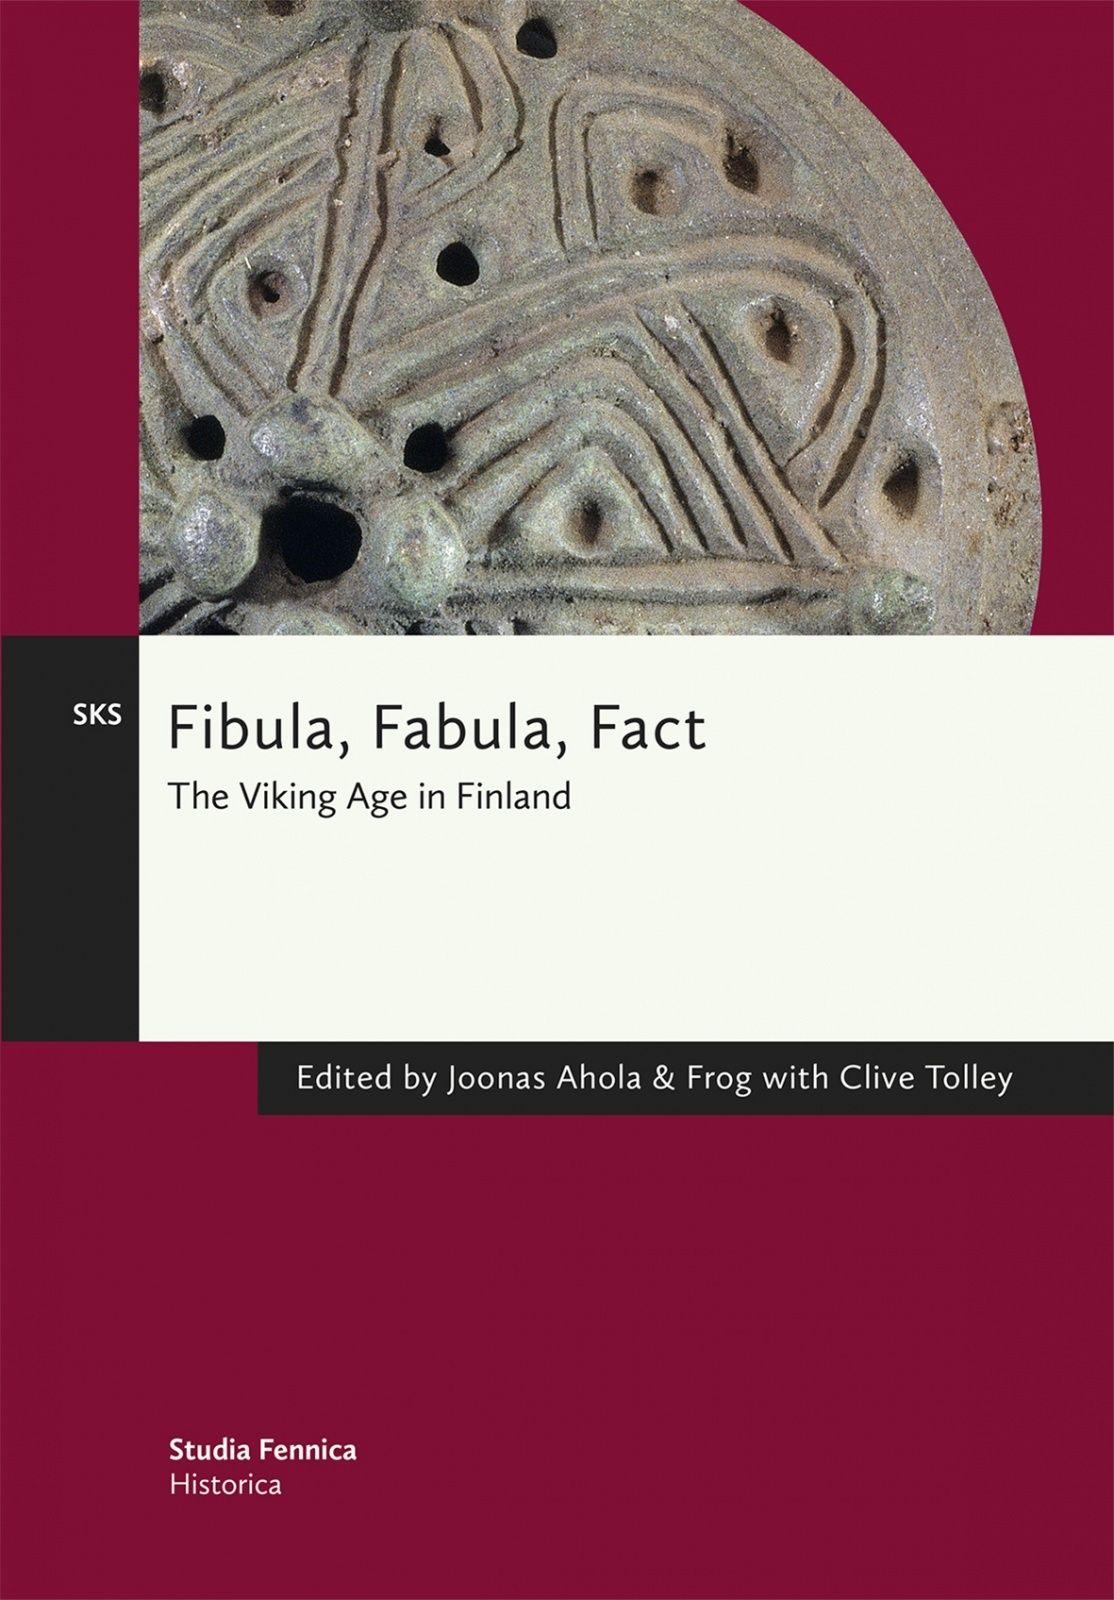 Fibula, Fabula, Fact - The Viking Age in Finland, Ahola, Joonas; Frog; Tolley, Clive, Suomalaisen Kirjallisuuden Seura | SKS Kirjat